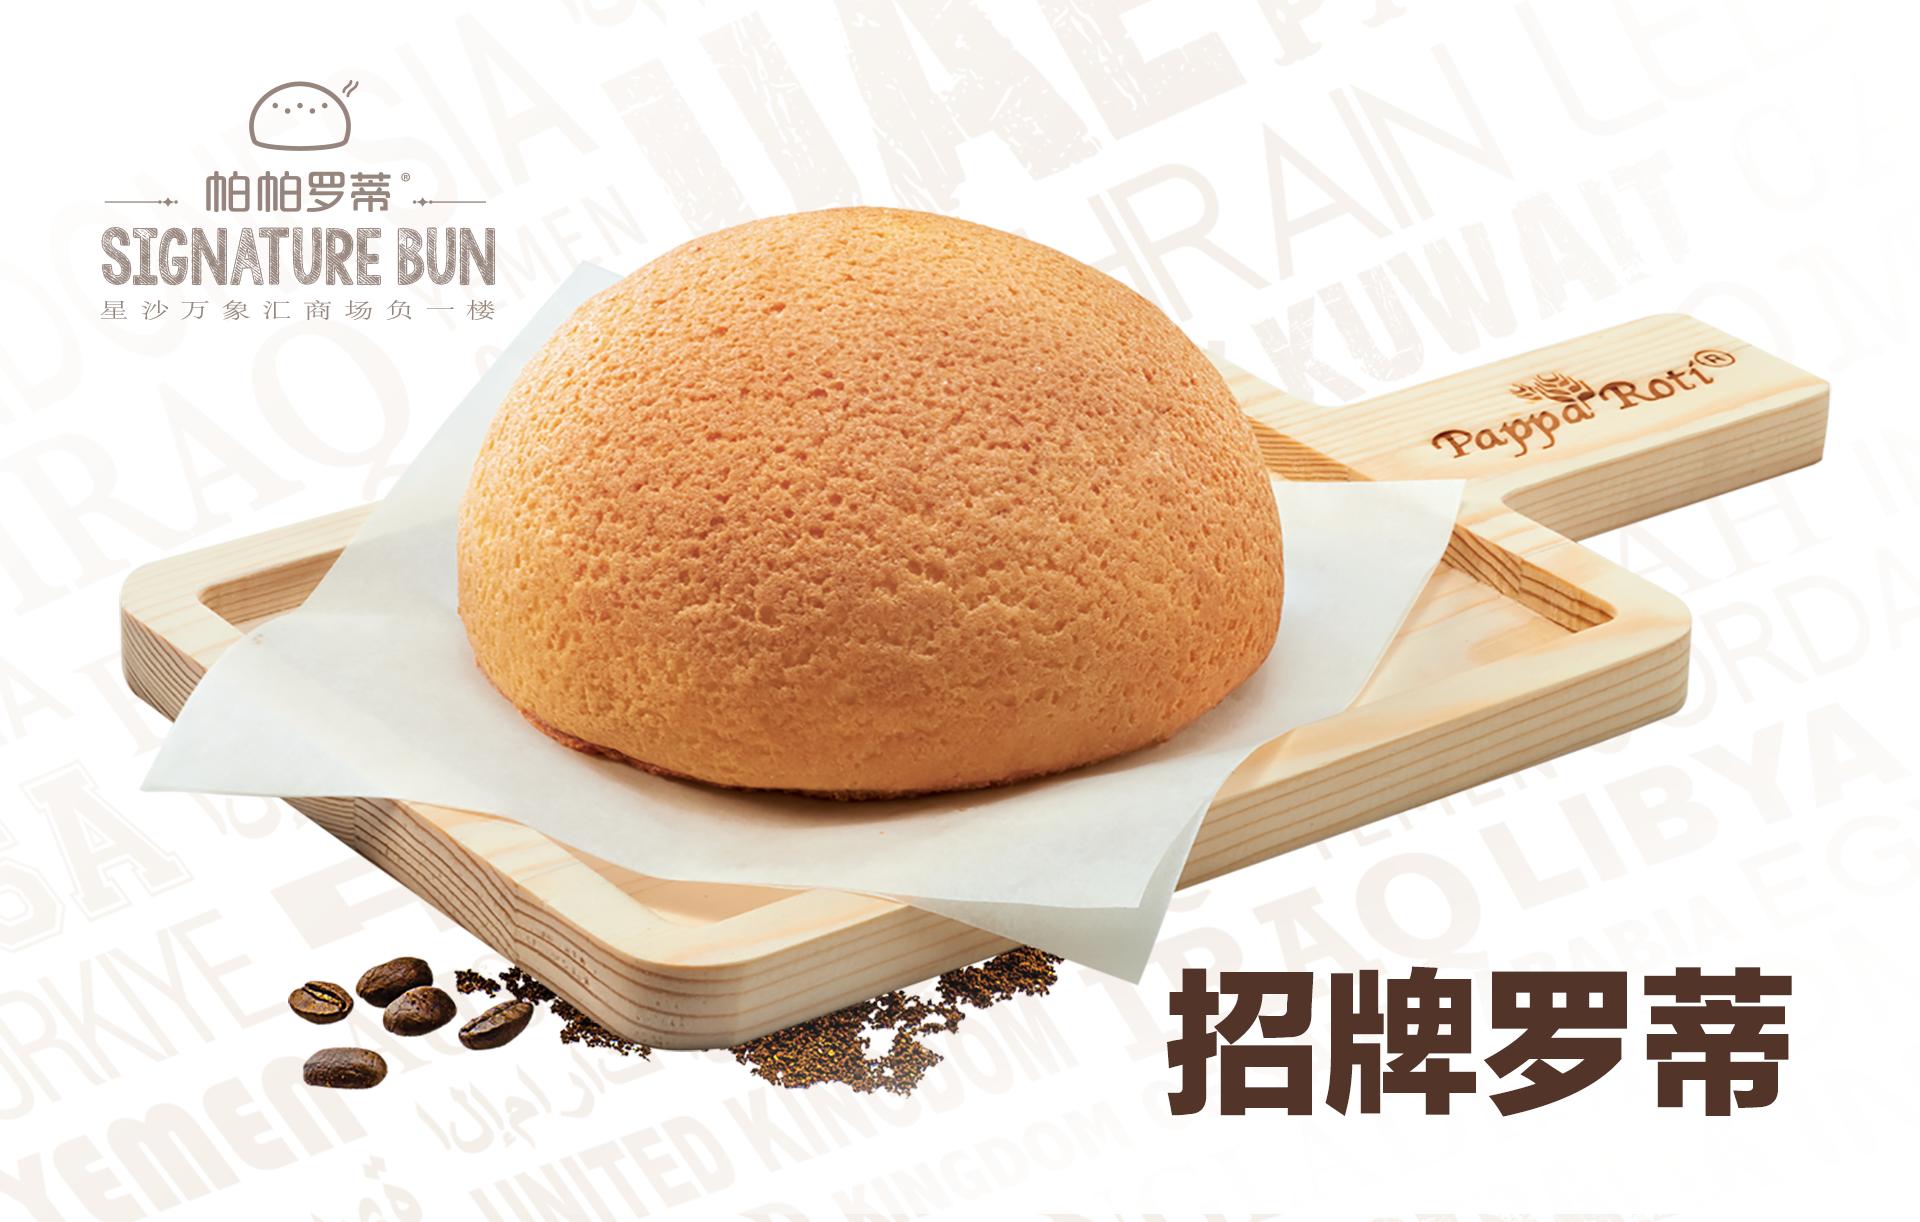 选择帕帕罗蒂手工面包加盟,你不容错过!